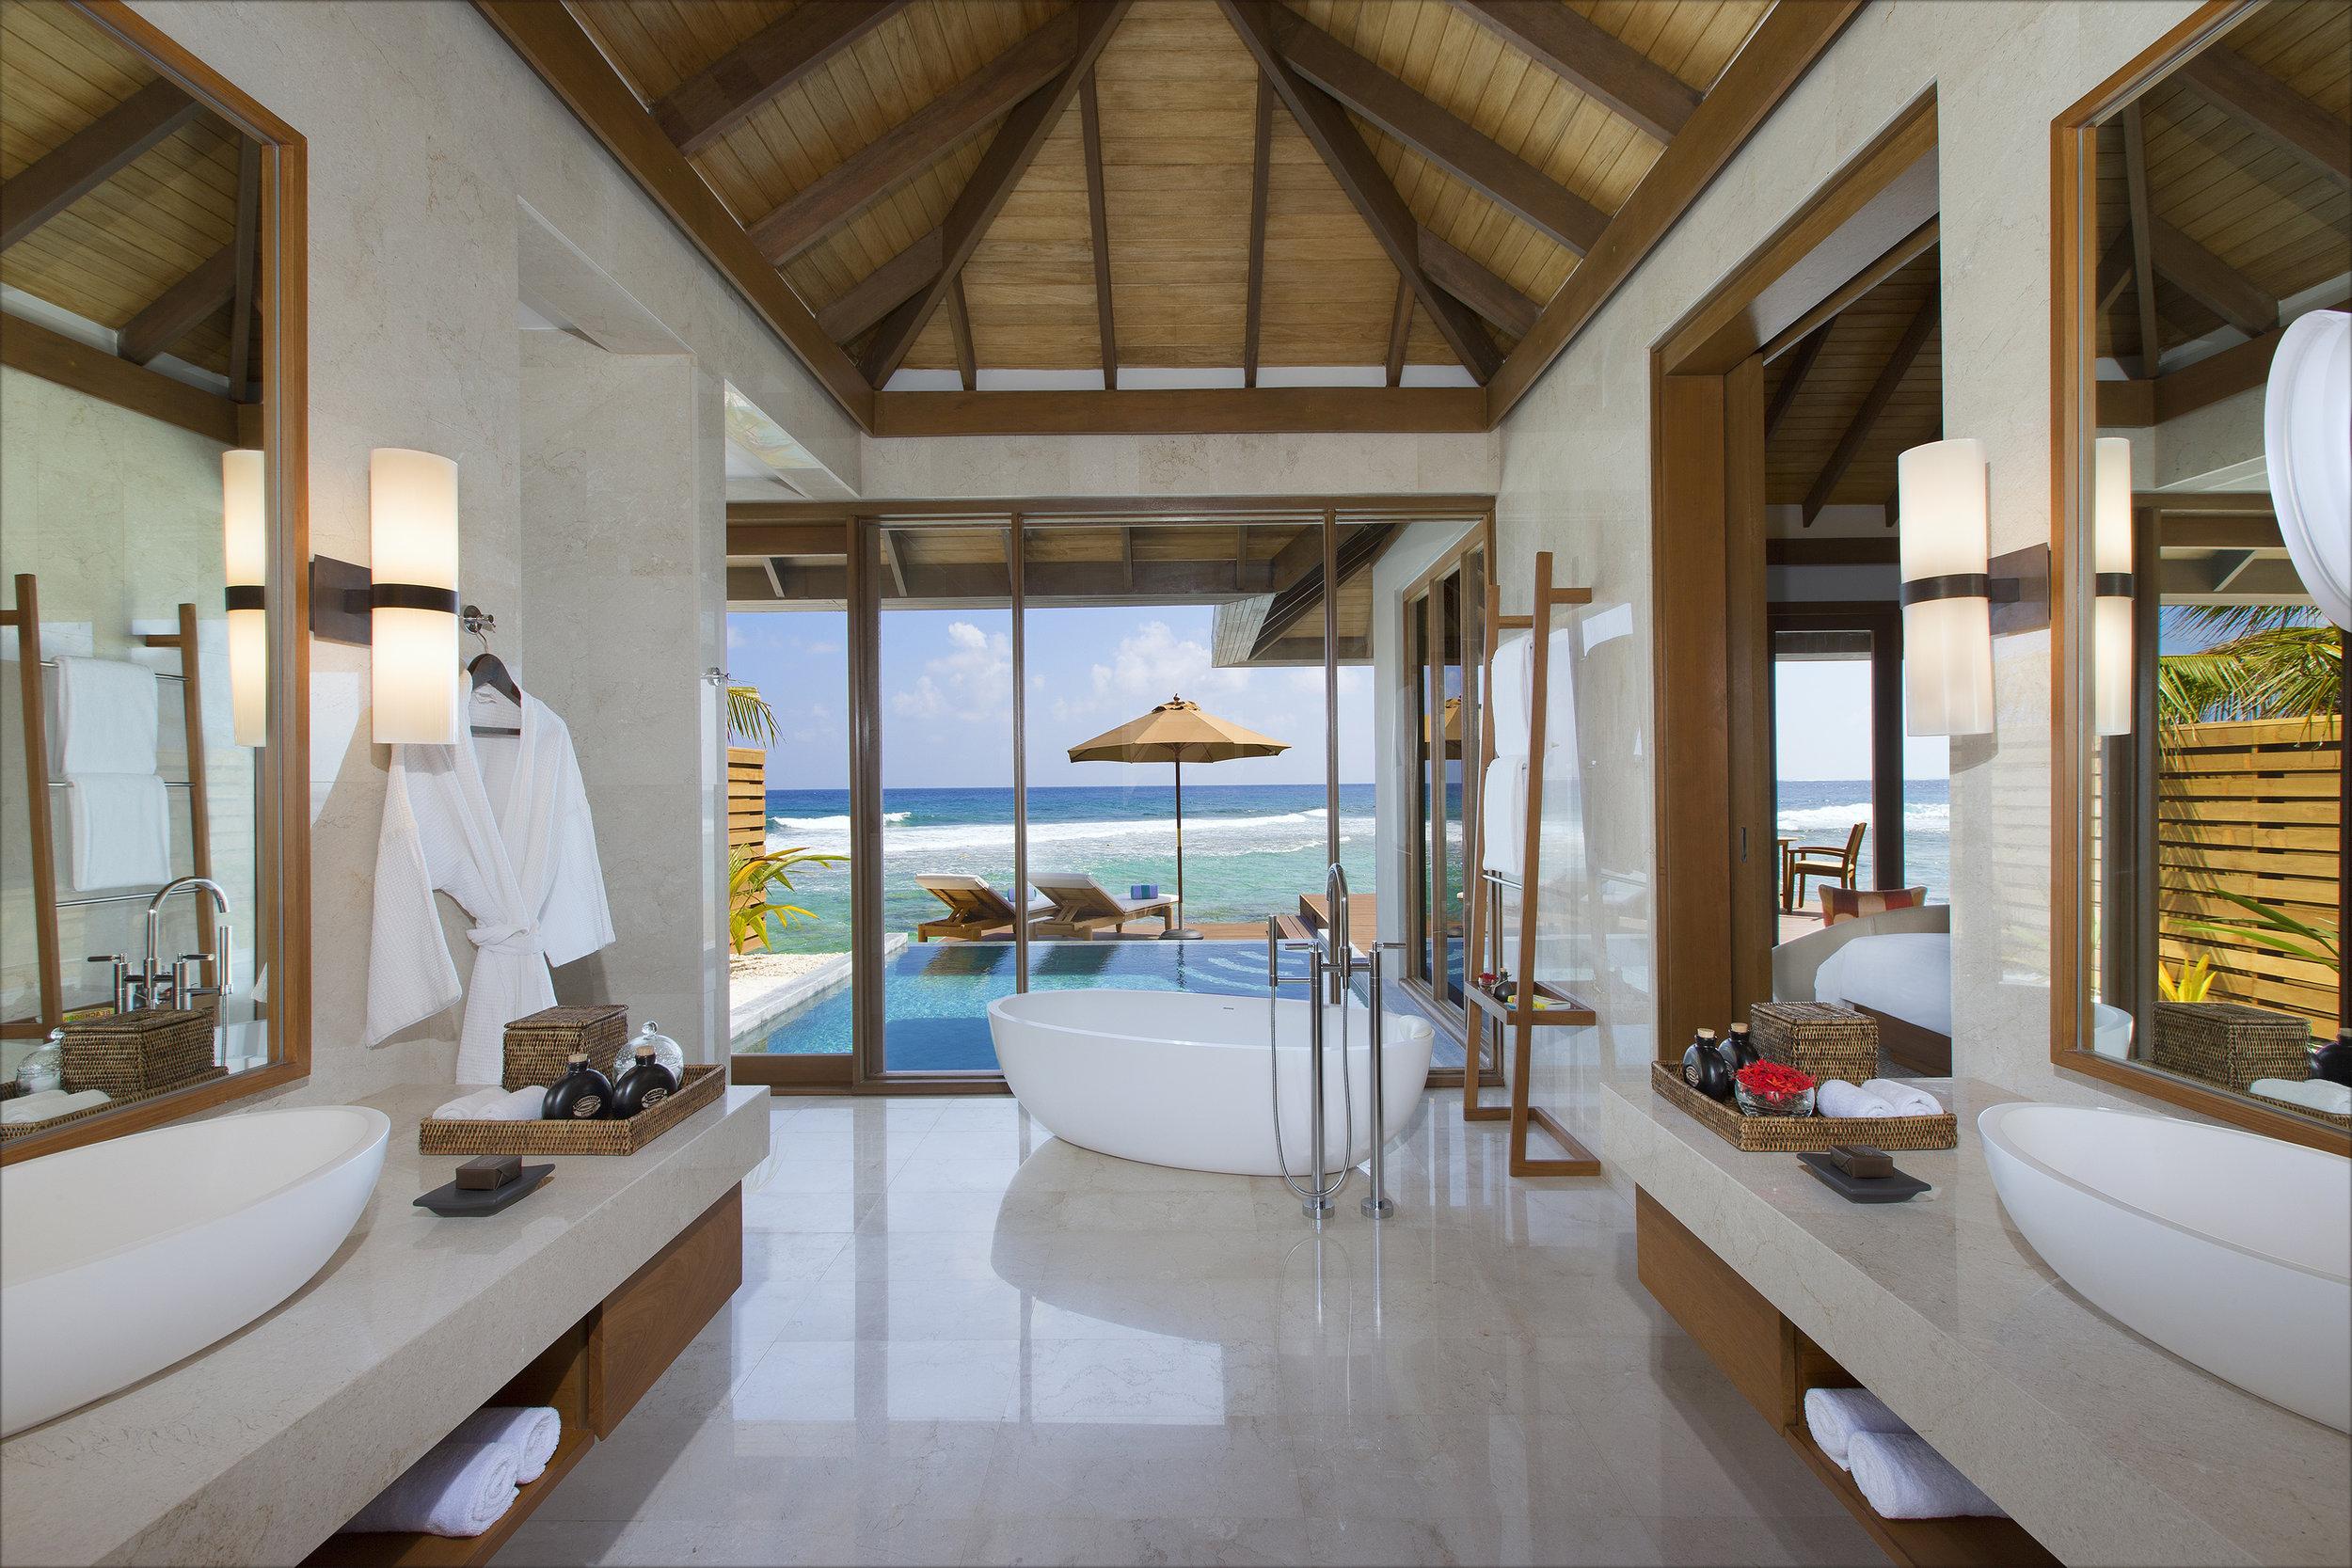 Veli Ocean Pool Bungalow Bathroom.jpg